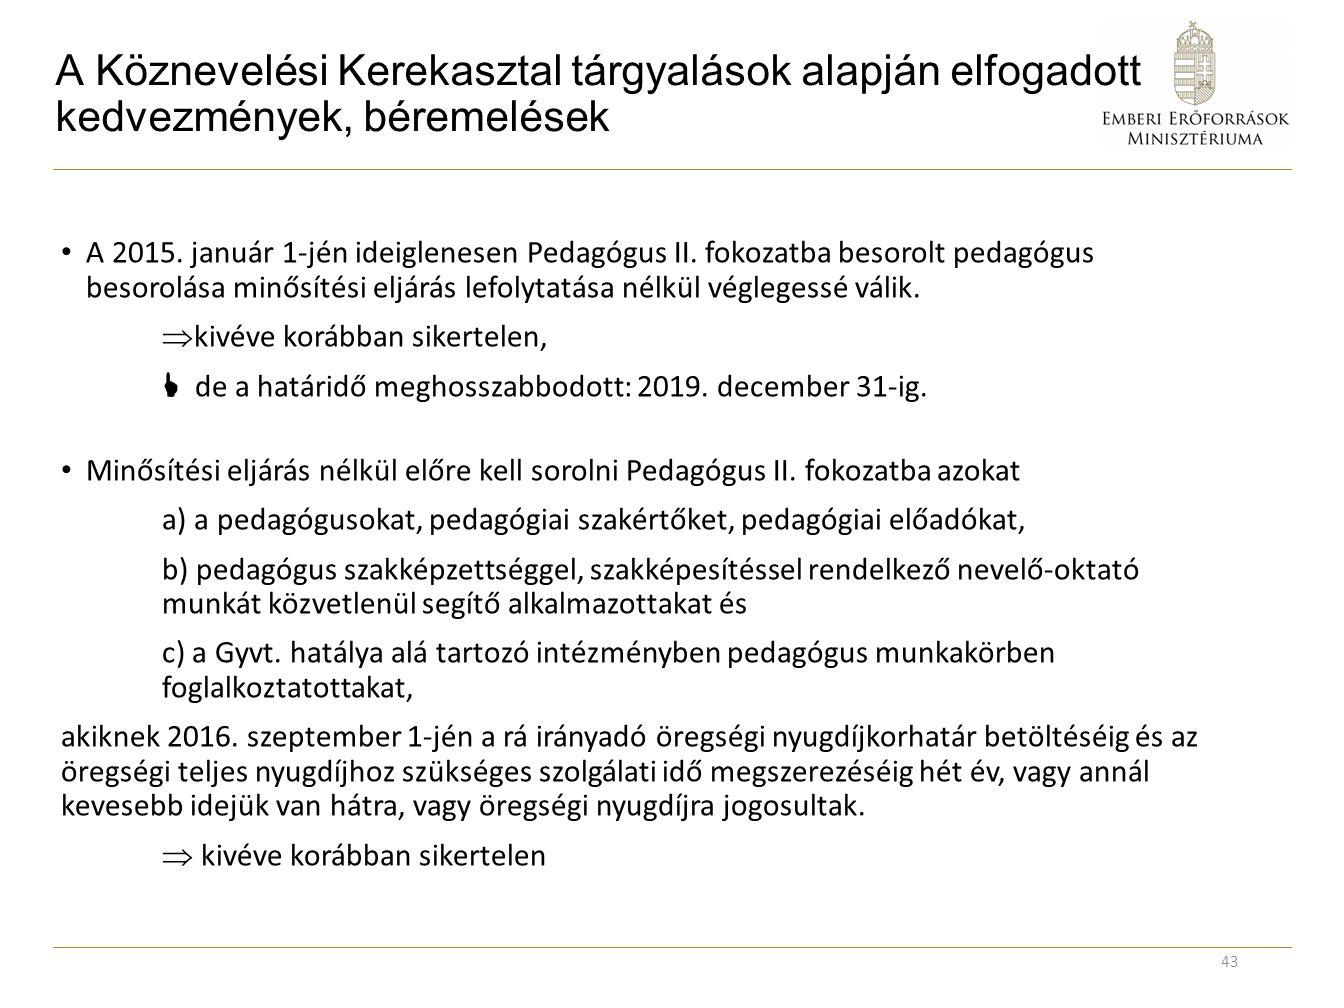 A Köznevelési Kerekasztal tárgyalások alapján elfogadott kedvezmények, béremelések A 2015. január 1-jén ideiglenesen Pedagógus II. fokozatba besorolt